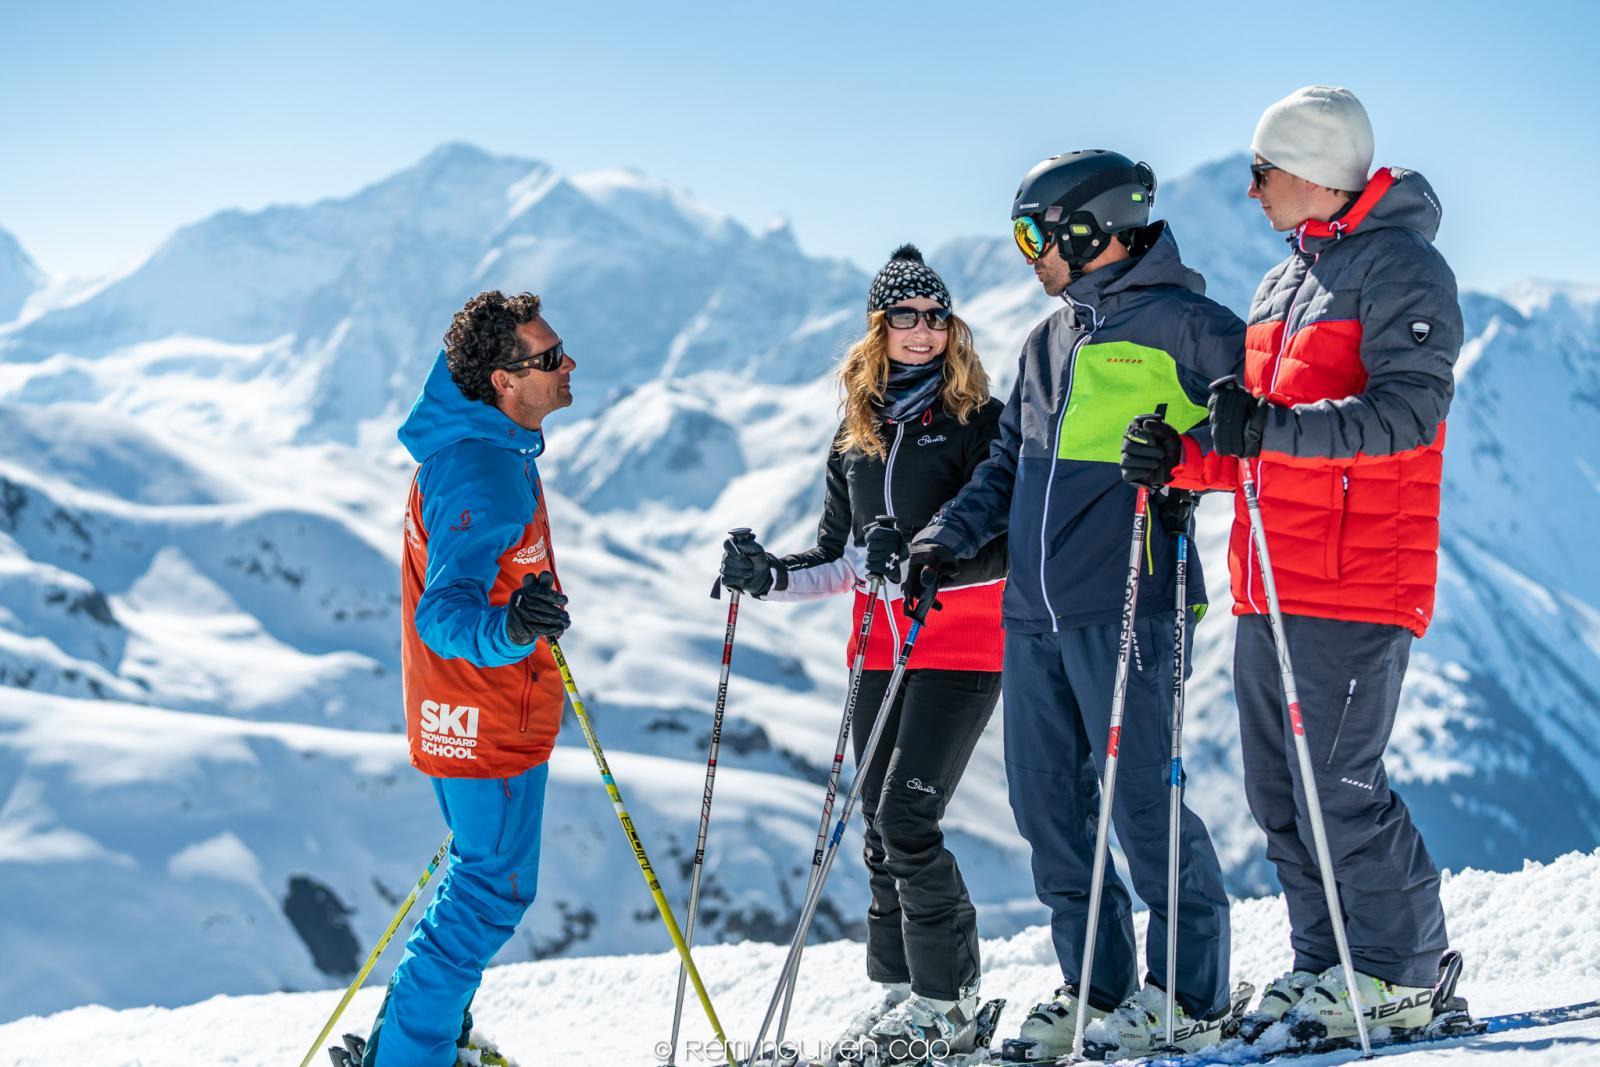 Winternieuws uit Savoie Mont Blanc (Frankrijk)